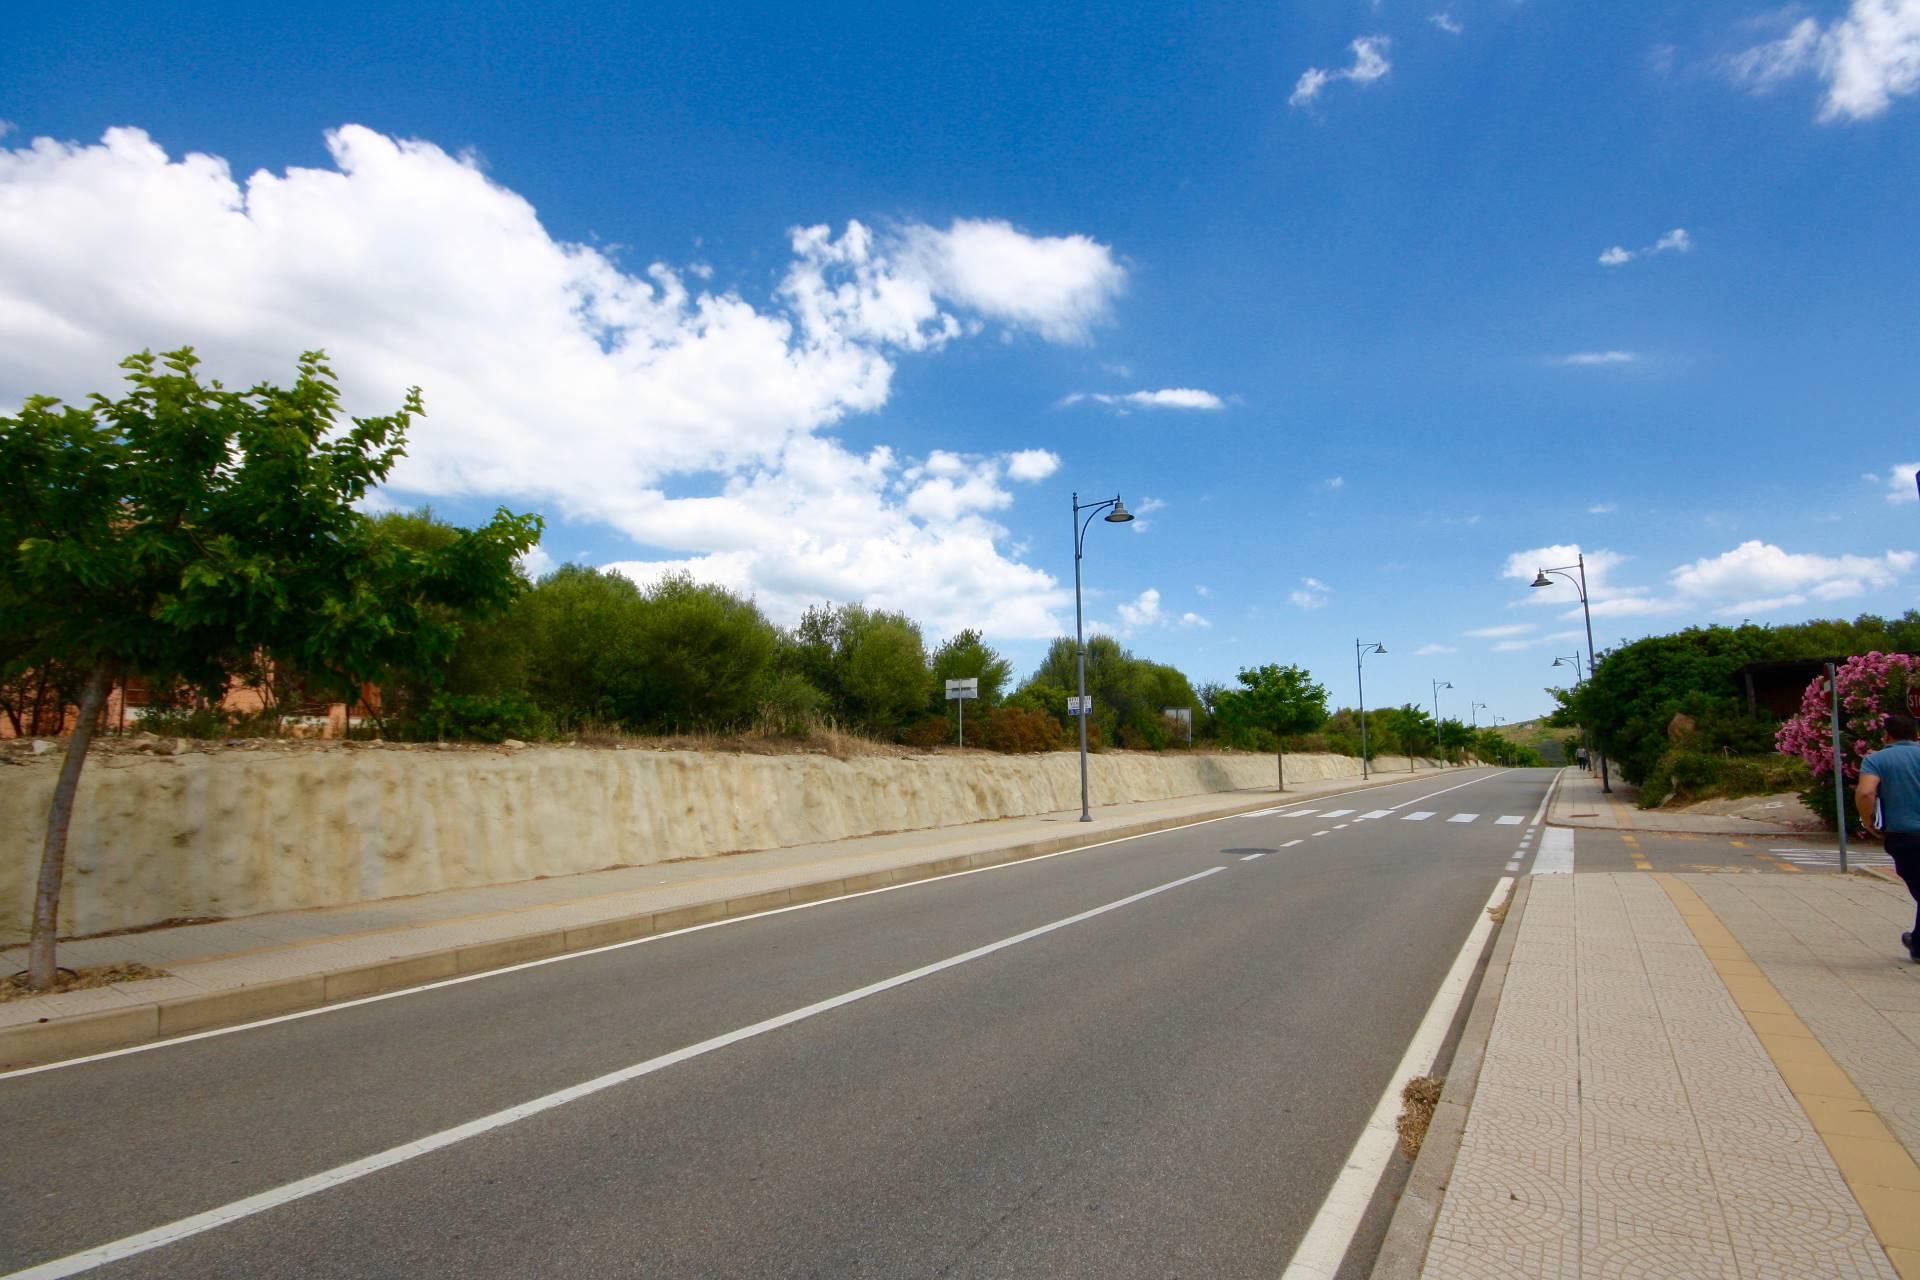 Terreno Edificabile Residenziale in vendita a Olbia - Porto Rotondo, 9999 locali, zona Zona: Bados, prezzo € 330.000 | CambioCasa.it